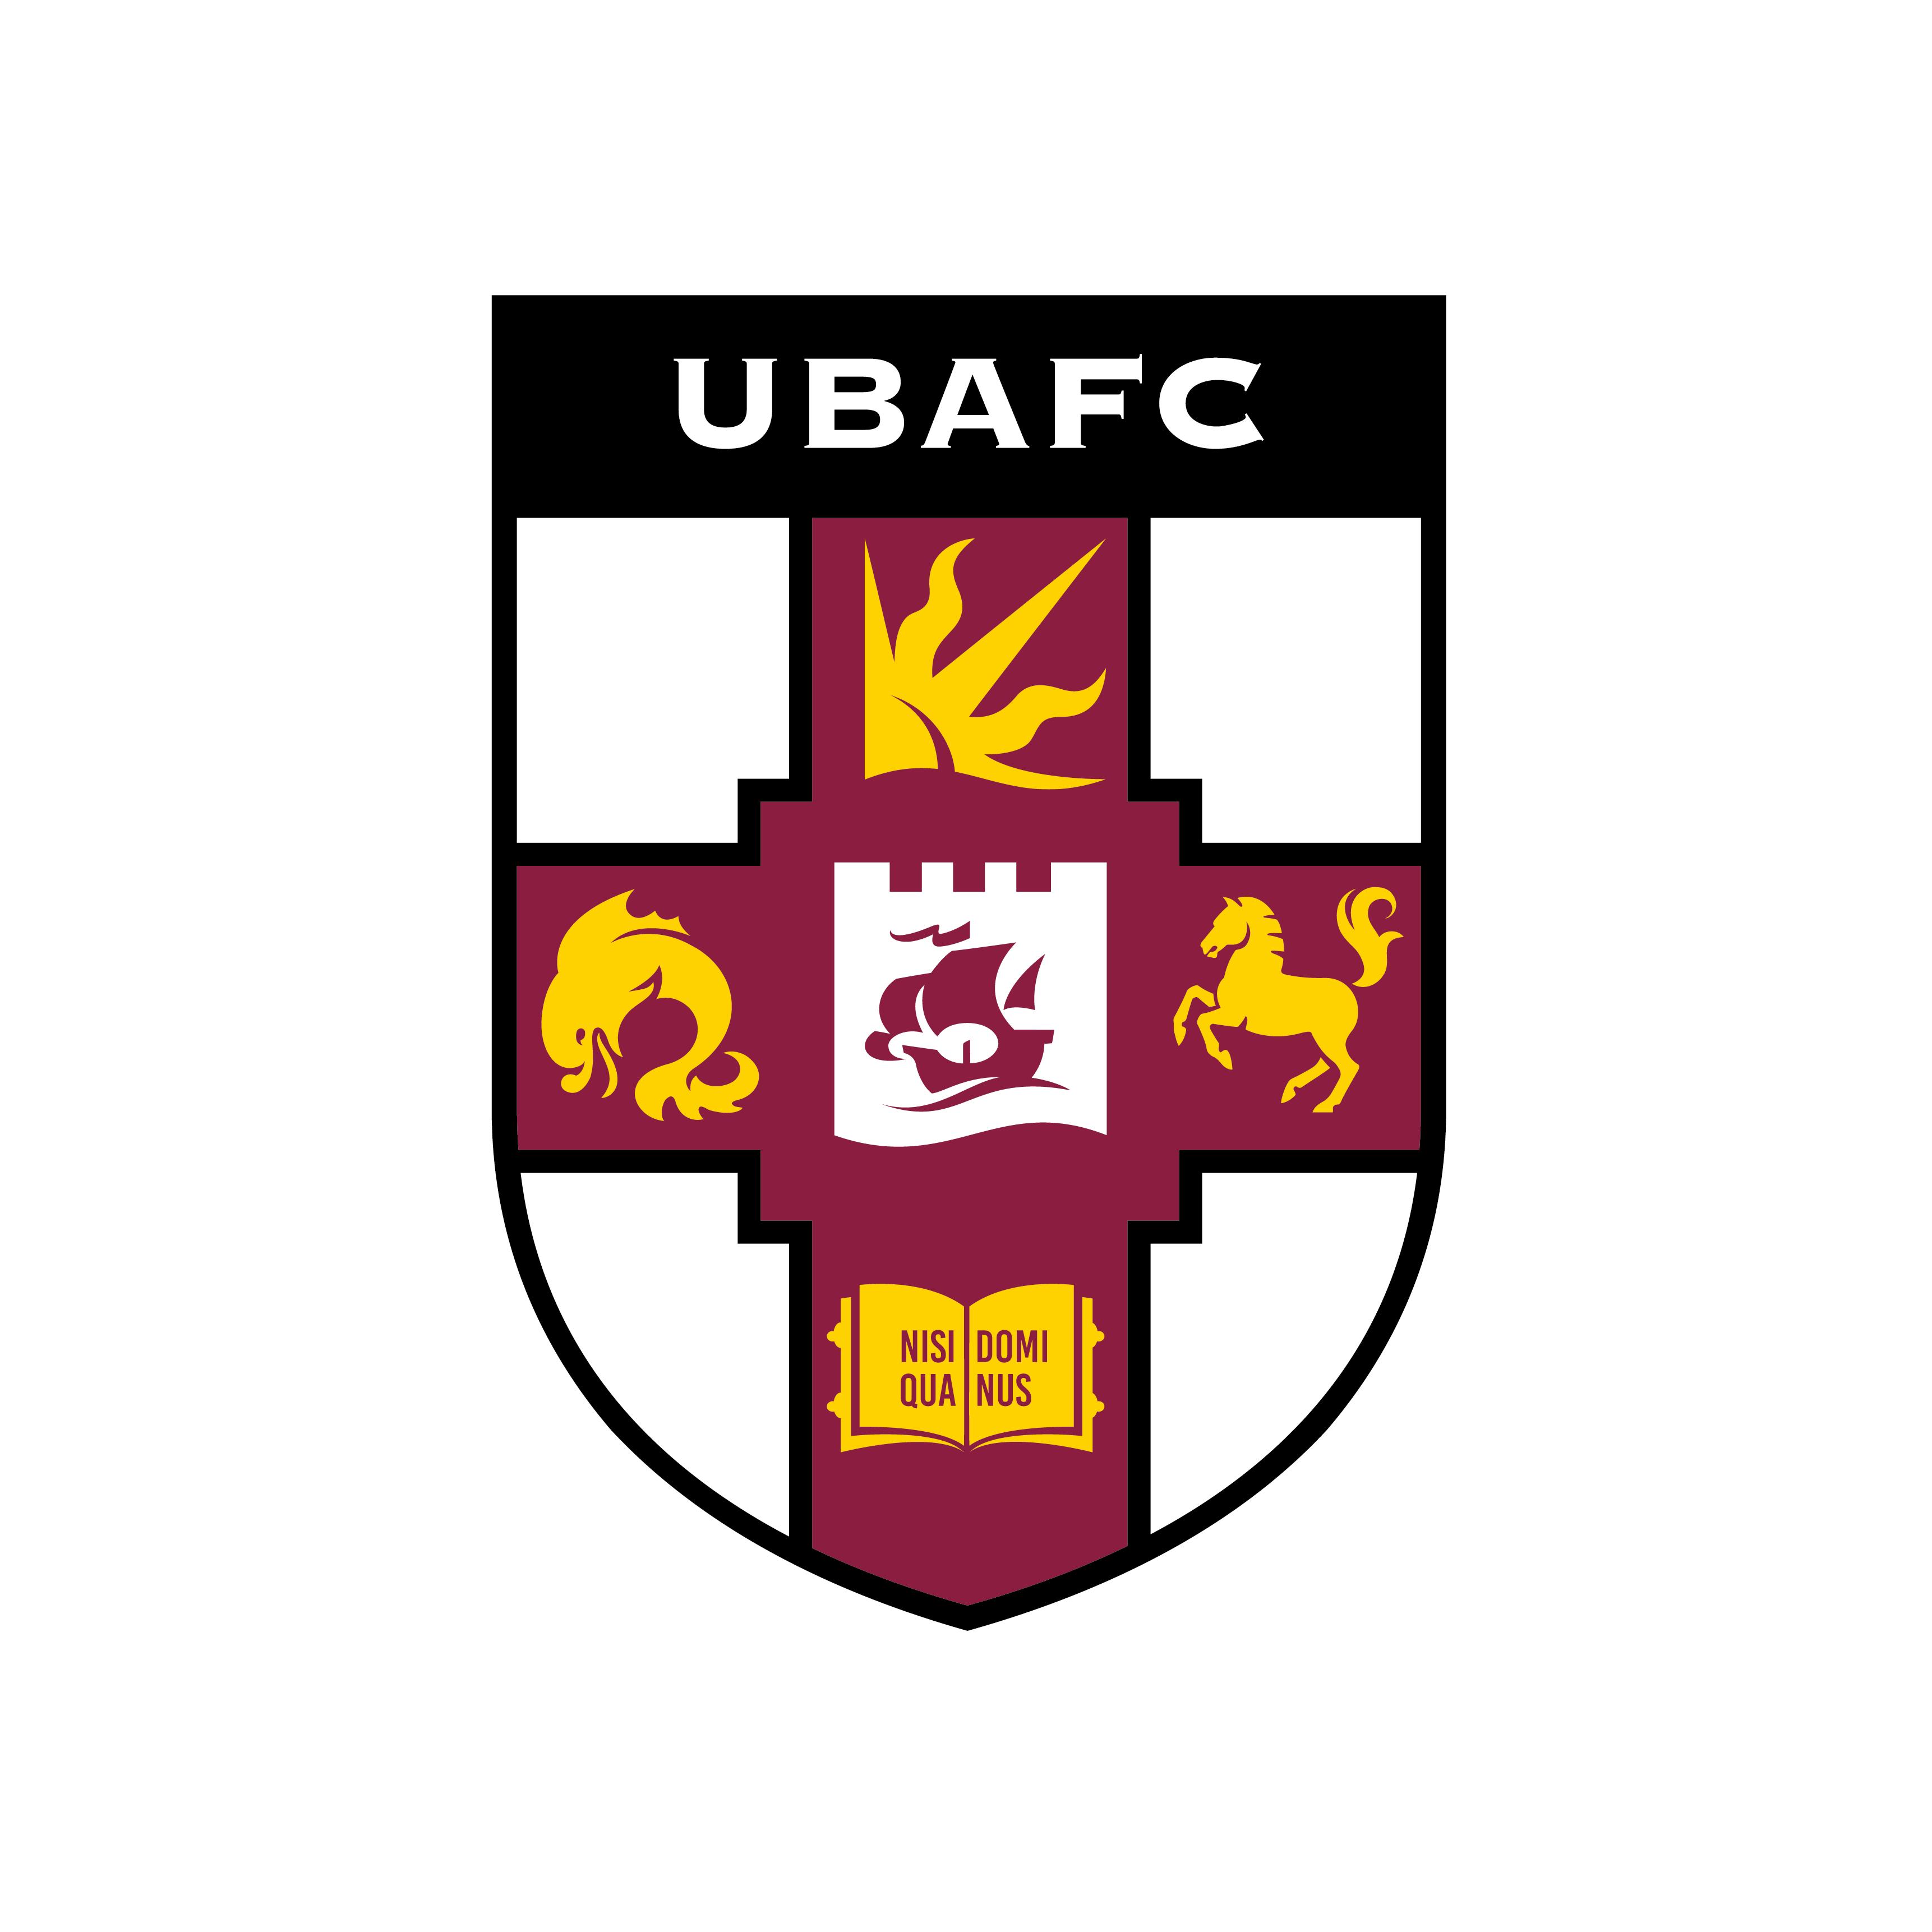 UBAFC